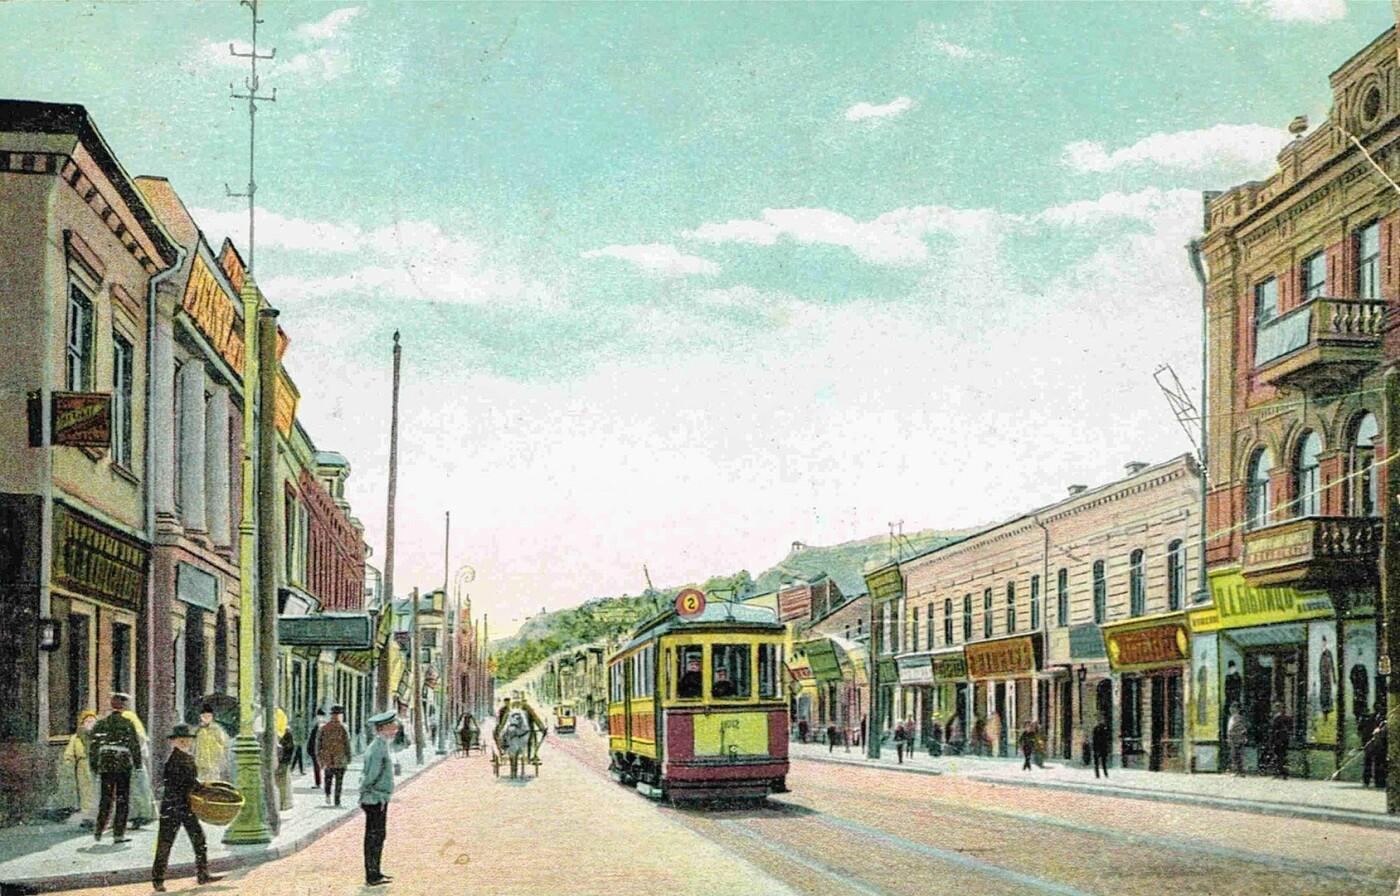 Ул. Сагайдачного в 19 веке. Особняк виден слева, Фото: Википедия